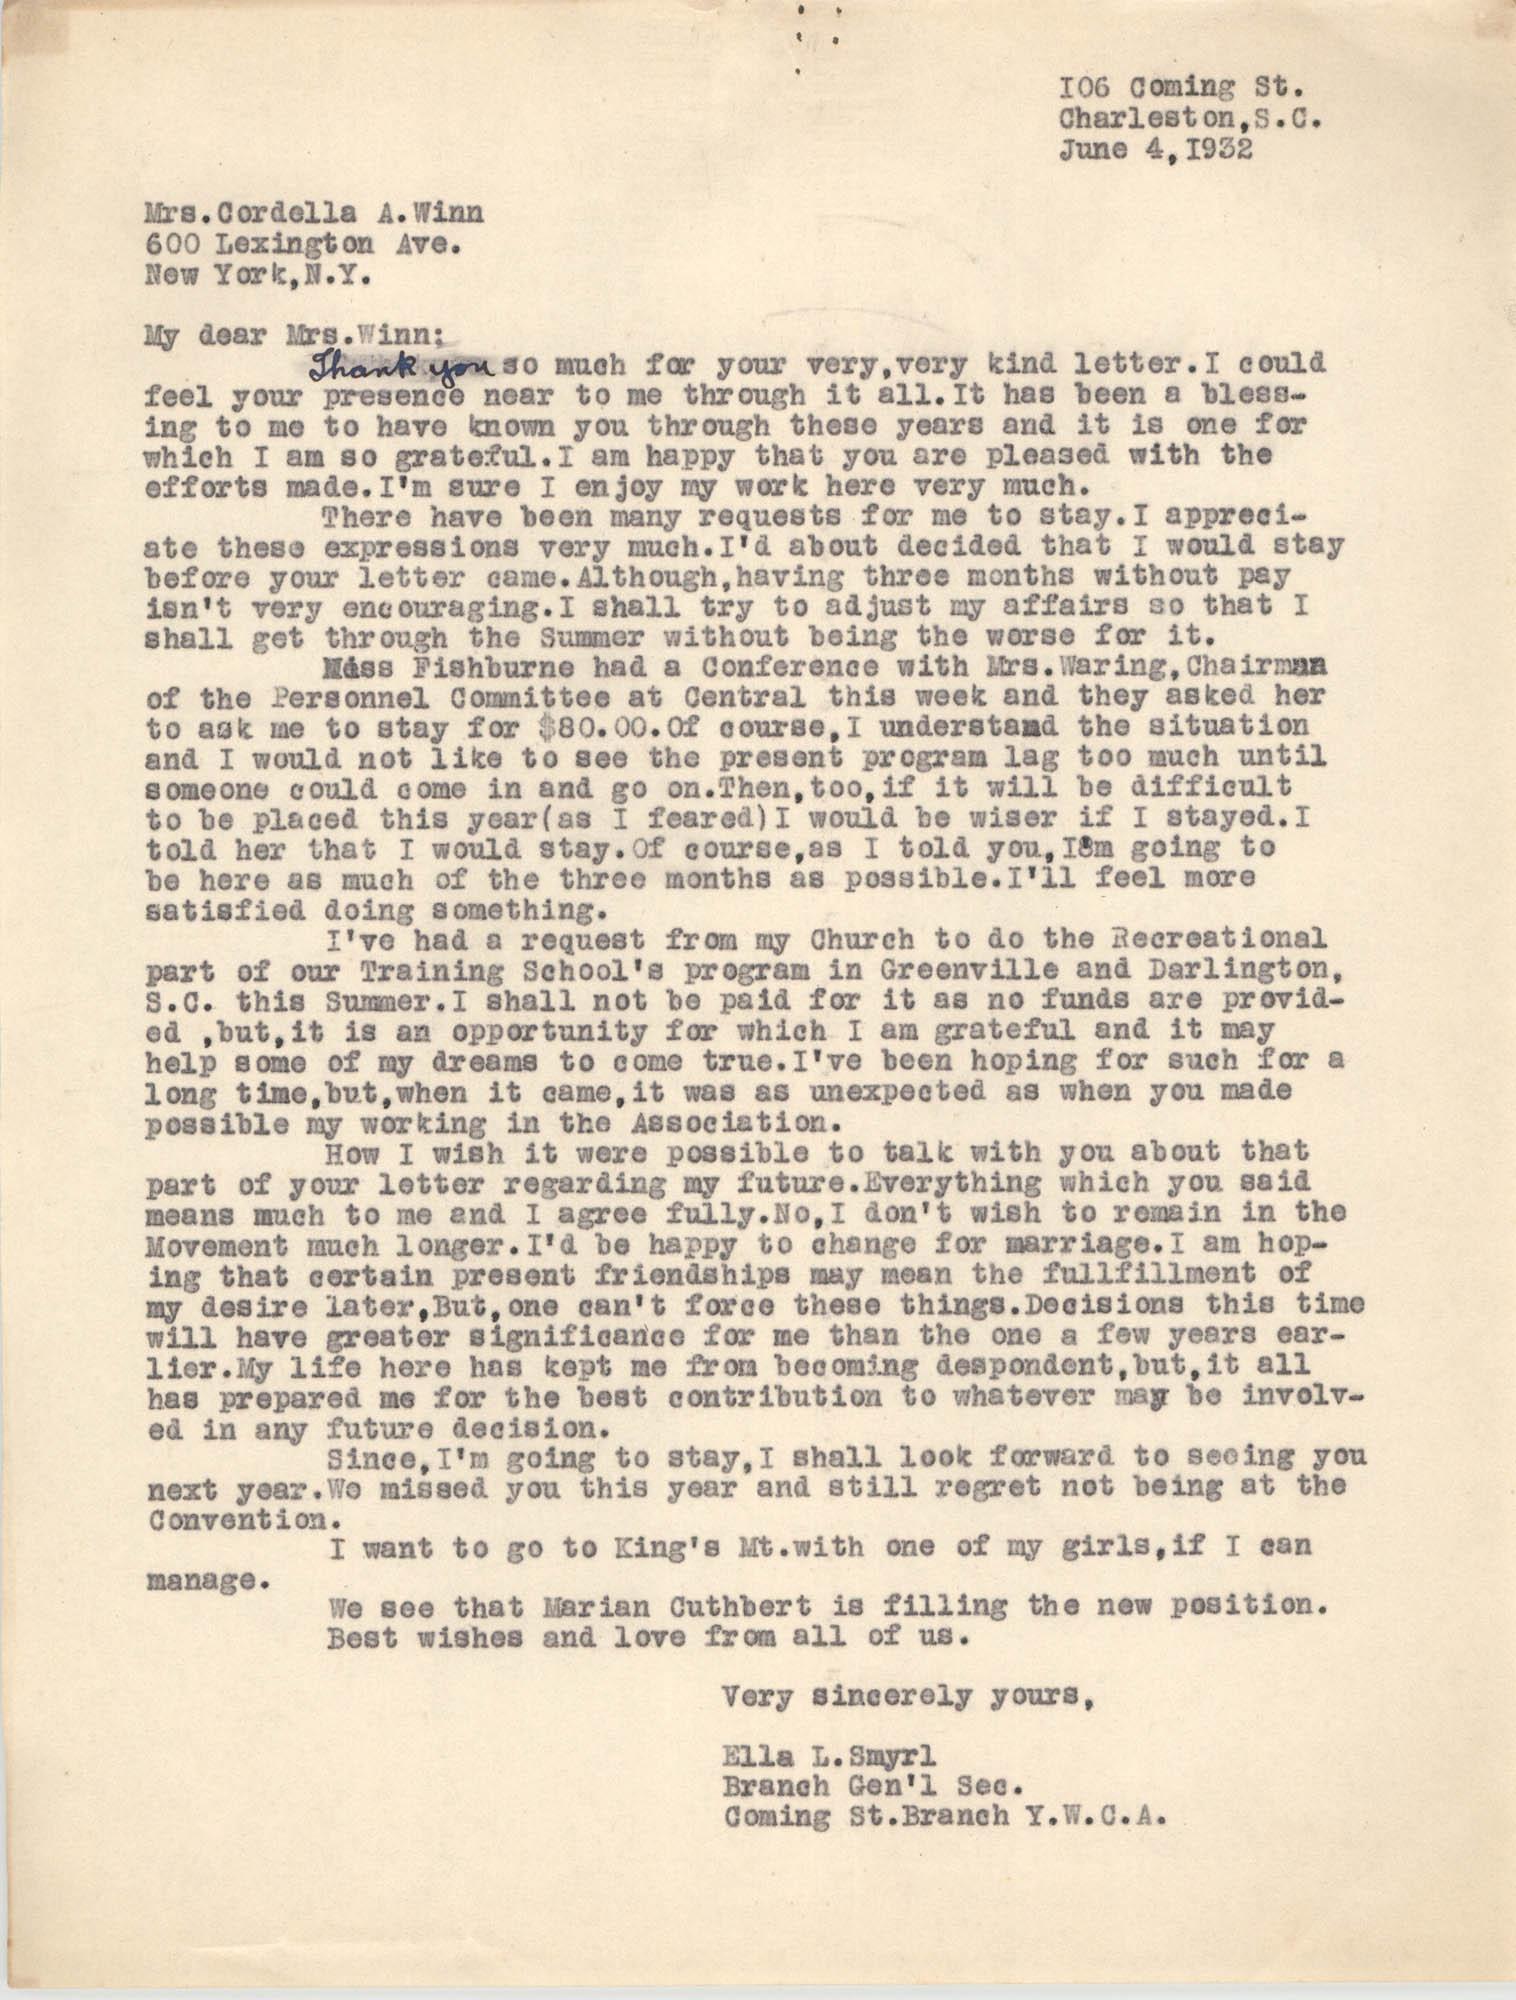 Letter from Ella L. Smyrl to Cordella A. Winn, June 4, 1932